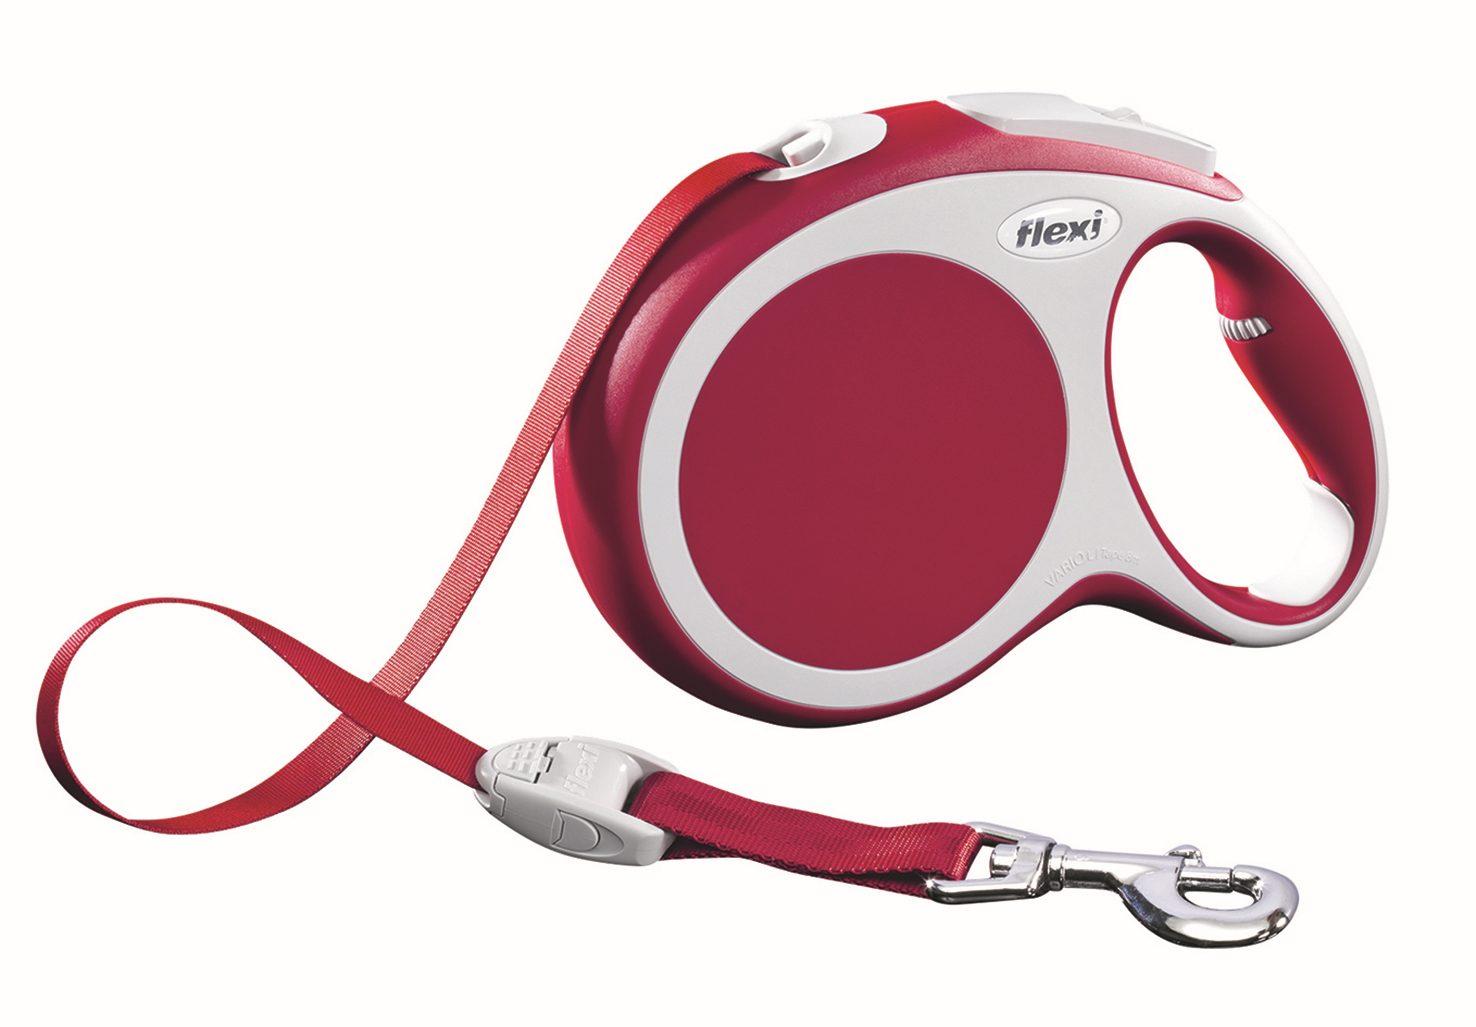 Поводок-рулетка Flexi Vario Compact L для собак до 50 кг, цвет: красный, 8 м020210Поводок-рулетка Flexi Vario Compact L изготовлен из пластика и нейлона. Подходит для собак весом до 50 кг. Ленточный поводок обеспечивает каждой собаке свободу движения, что идет на пользу здоровью и радует вашего четвероногого друга. Рулетка очень проста в использовании. Она оснащена кнопками кратковременной и постоянной фиксации. Ее можно оснастить мультибоксом для лакомств или пакетиков для сбора фекалий, LED подсветкой корпуса, своркой или ремнем с LED подсветкой. Поводок имеет прочный корпус, хромированную застежку и светоотражающие элементы.Длина поводка: 8 м. Максимальная нагрузка: 50 кг.Товар сертифицирован.